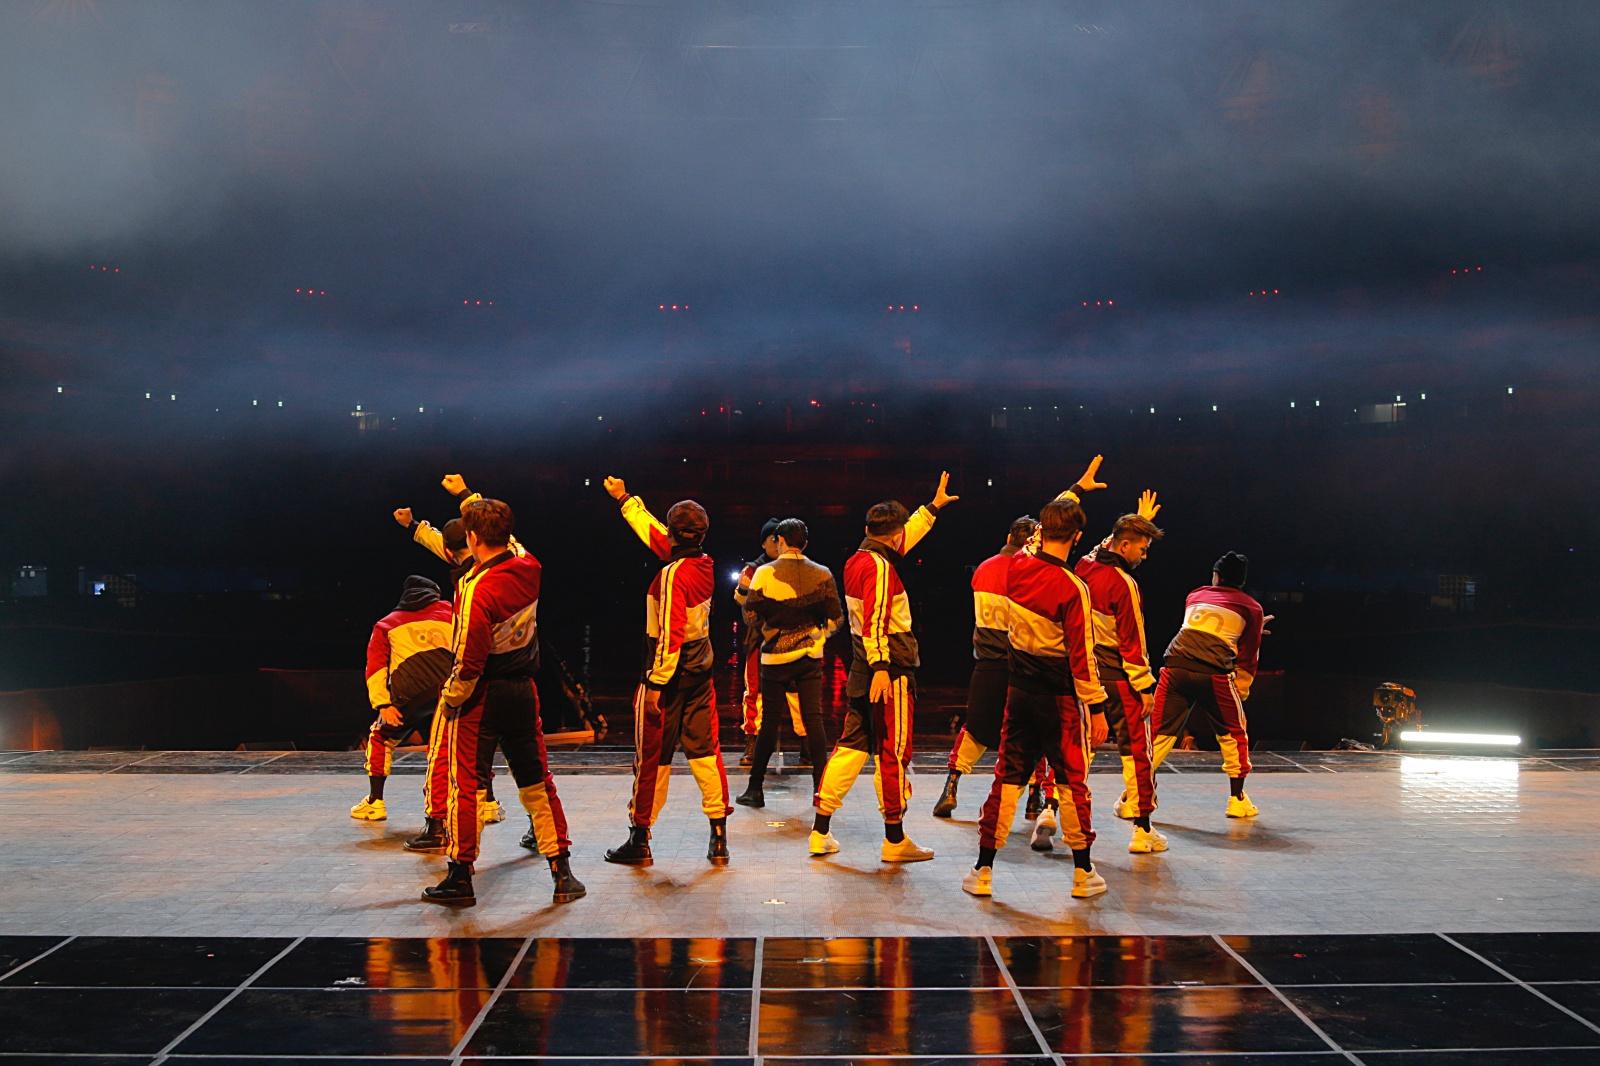 Tập dợt chuyên nghiệp trước giờ G, Noo Phước Thịnh đã sẵn sàng làm bùng nổ sân khấu tại Hàn Quốc